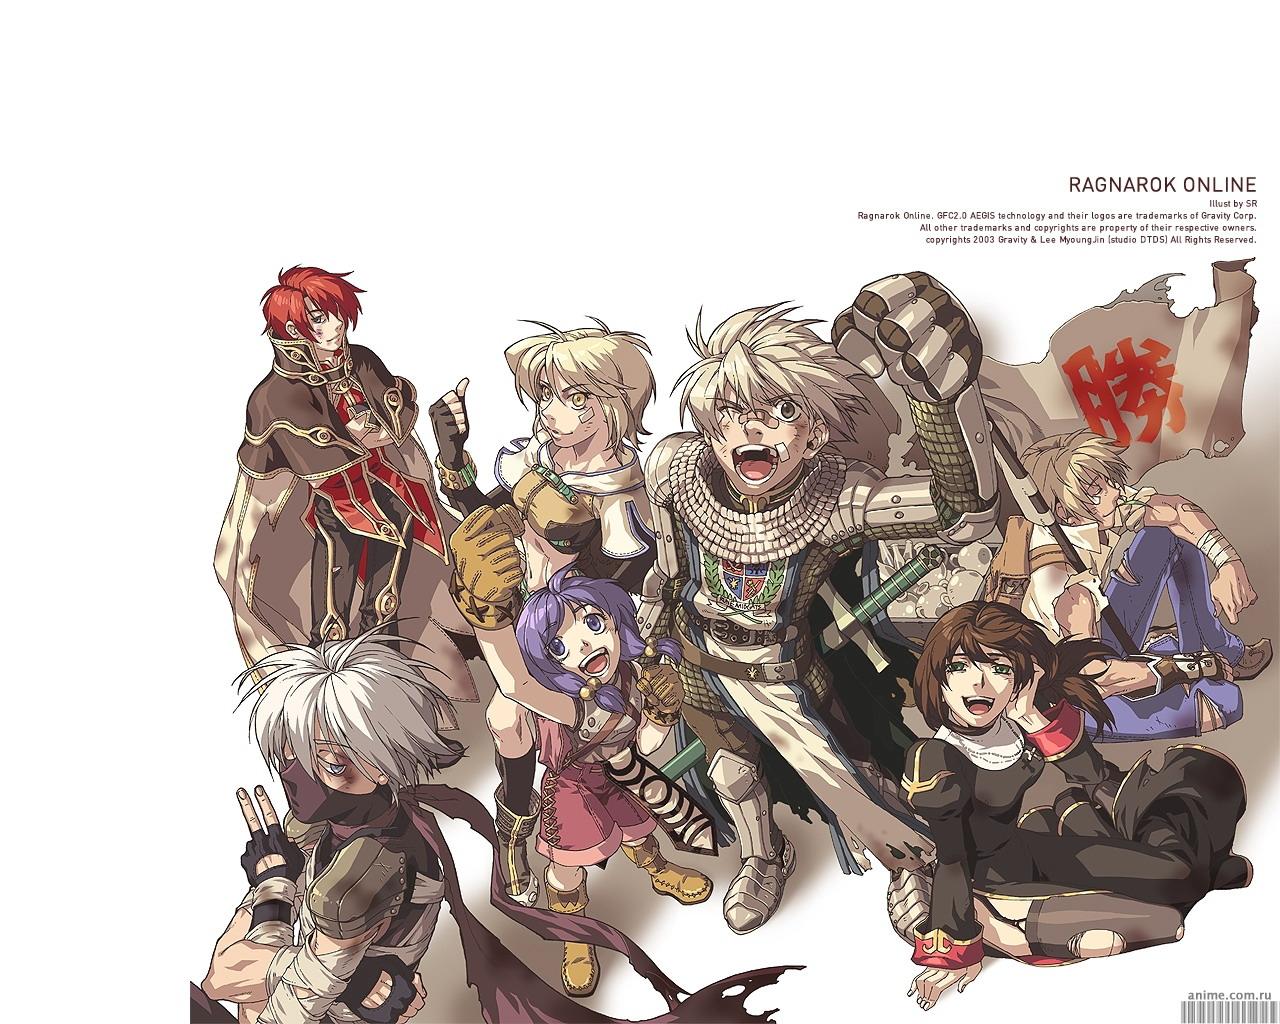 壁紙 ラグナロクオンライン ゲーム ダウンロード 写真